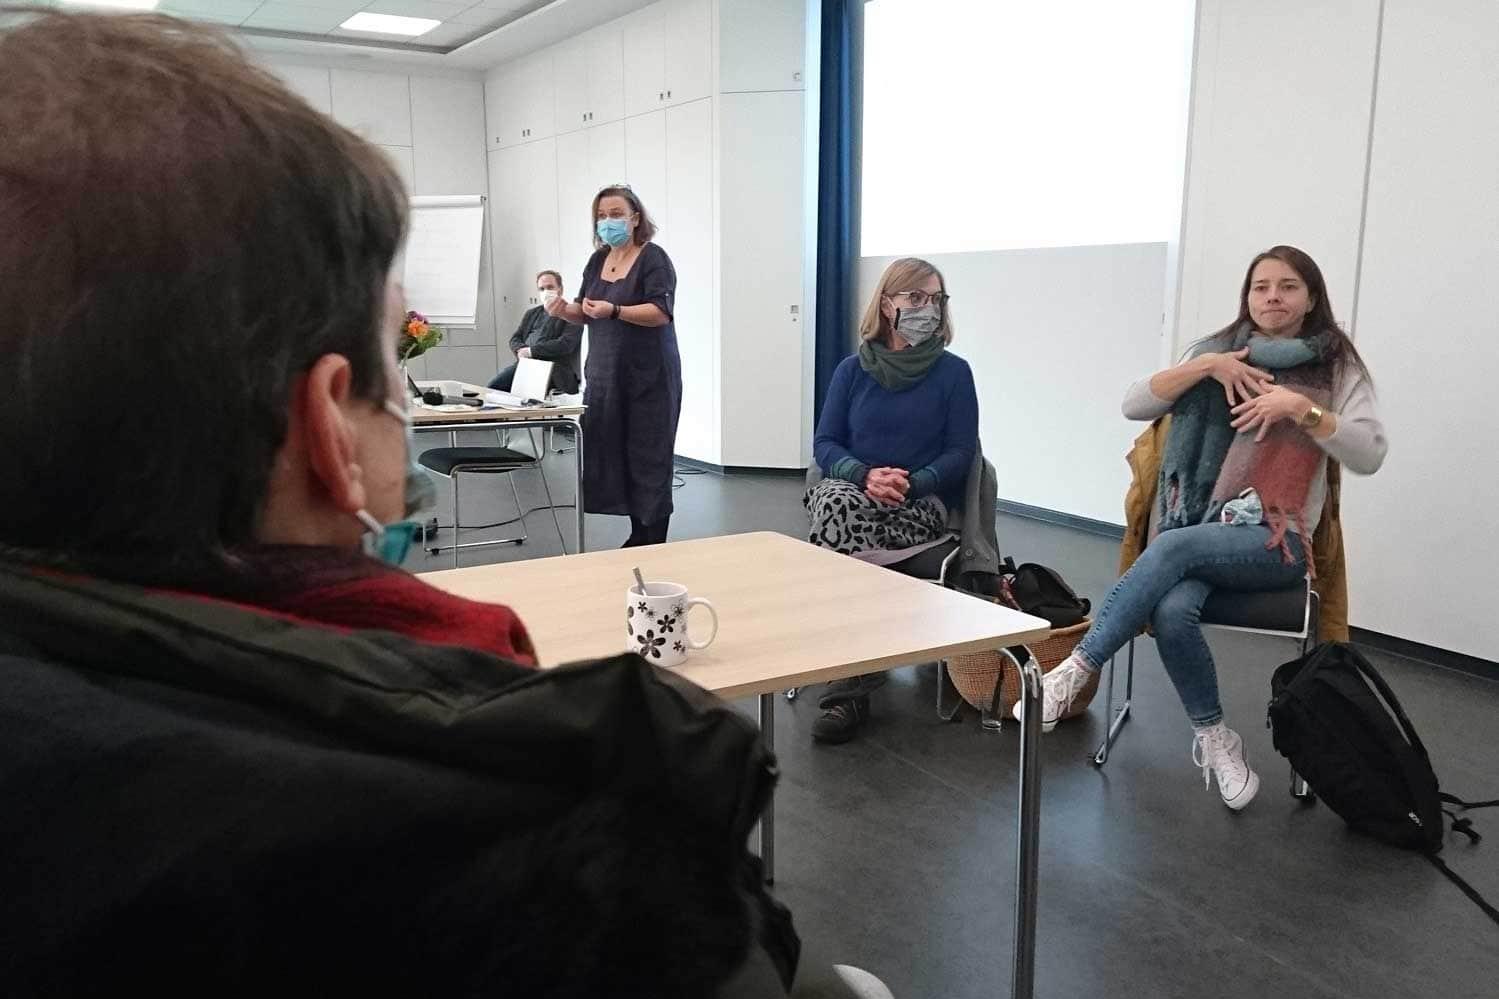 Gebärdensprachdolmetscherin übersetzt den Vortrag für einen Teilnehmer